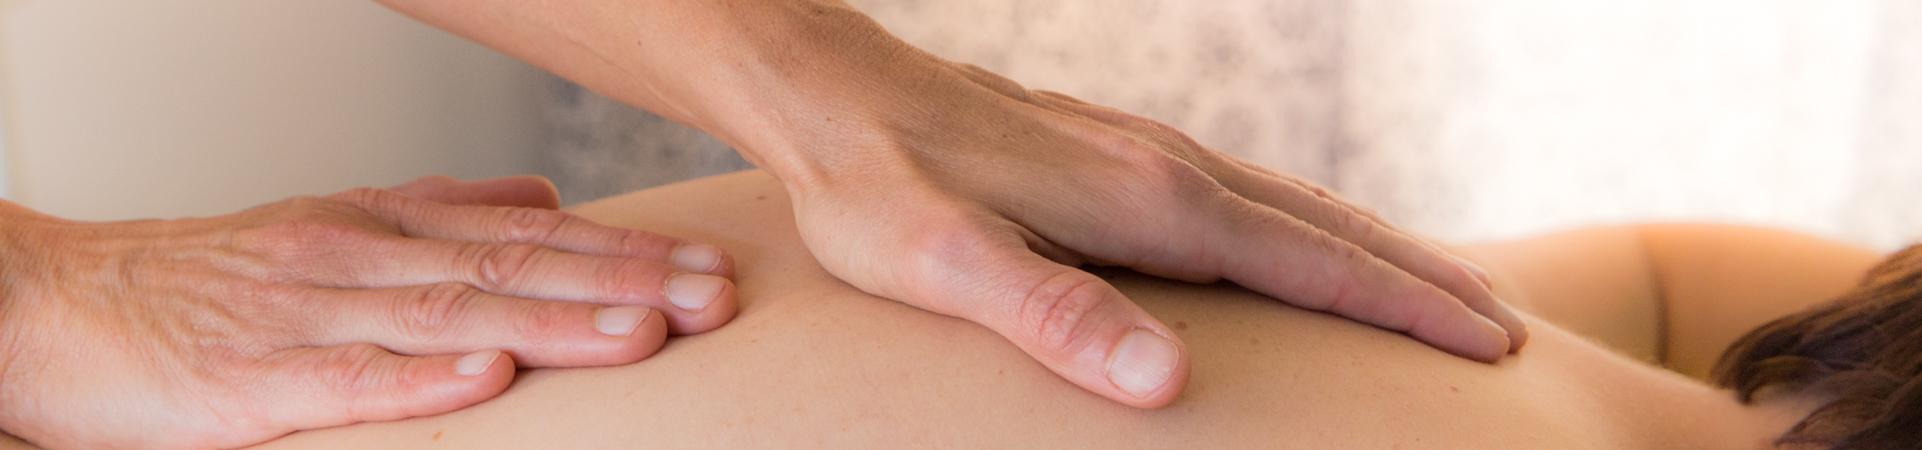 Osteopathie bei Erwachsenen